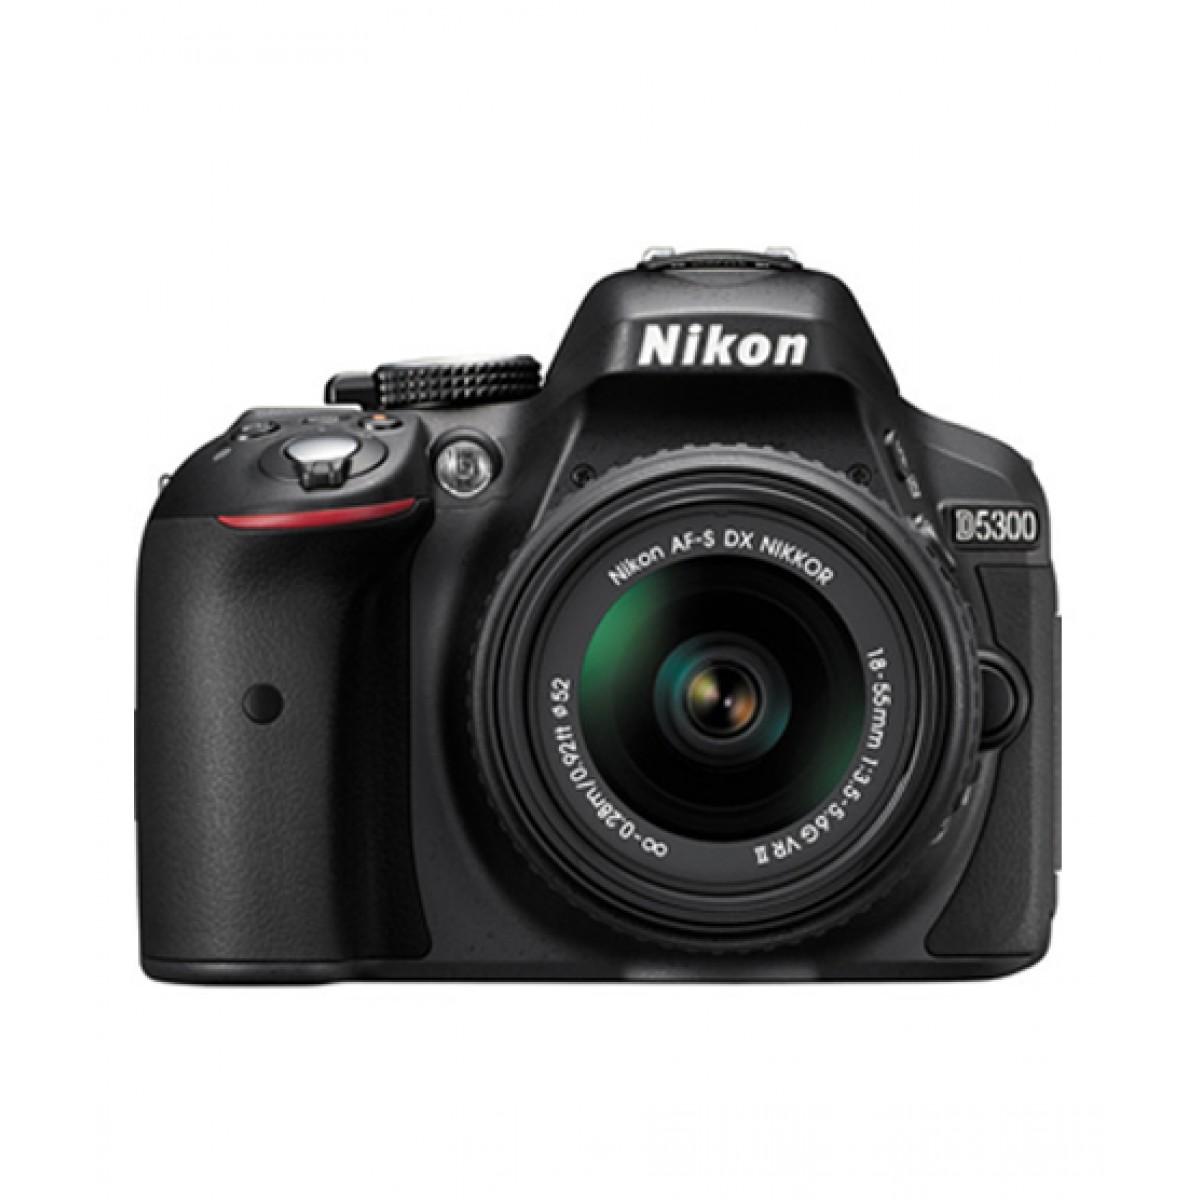 Nikon D5300 DSLR Camera with 18-55mm VR Lens - Official Warranty